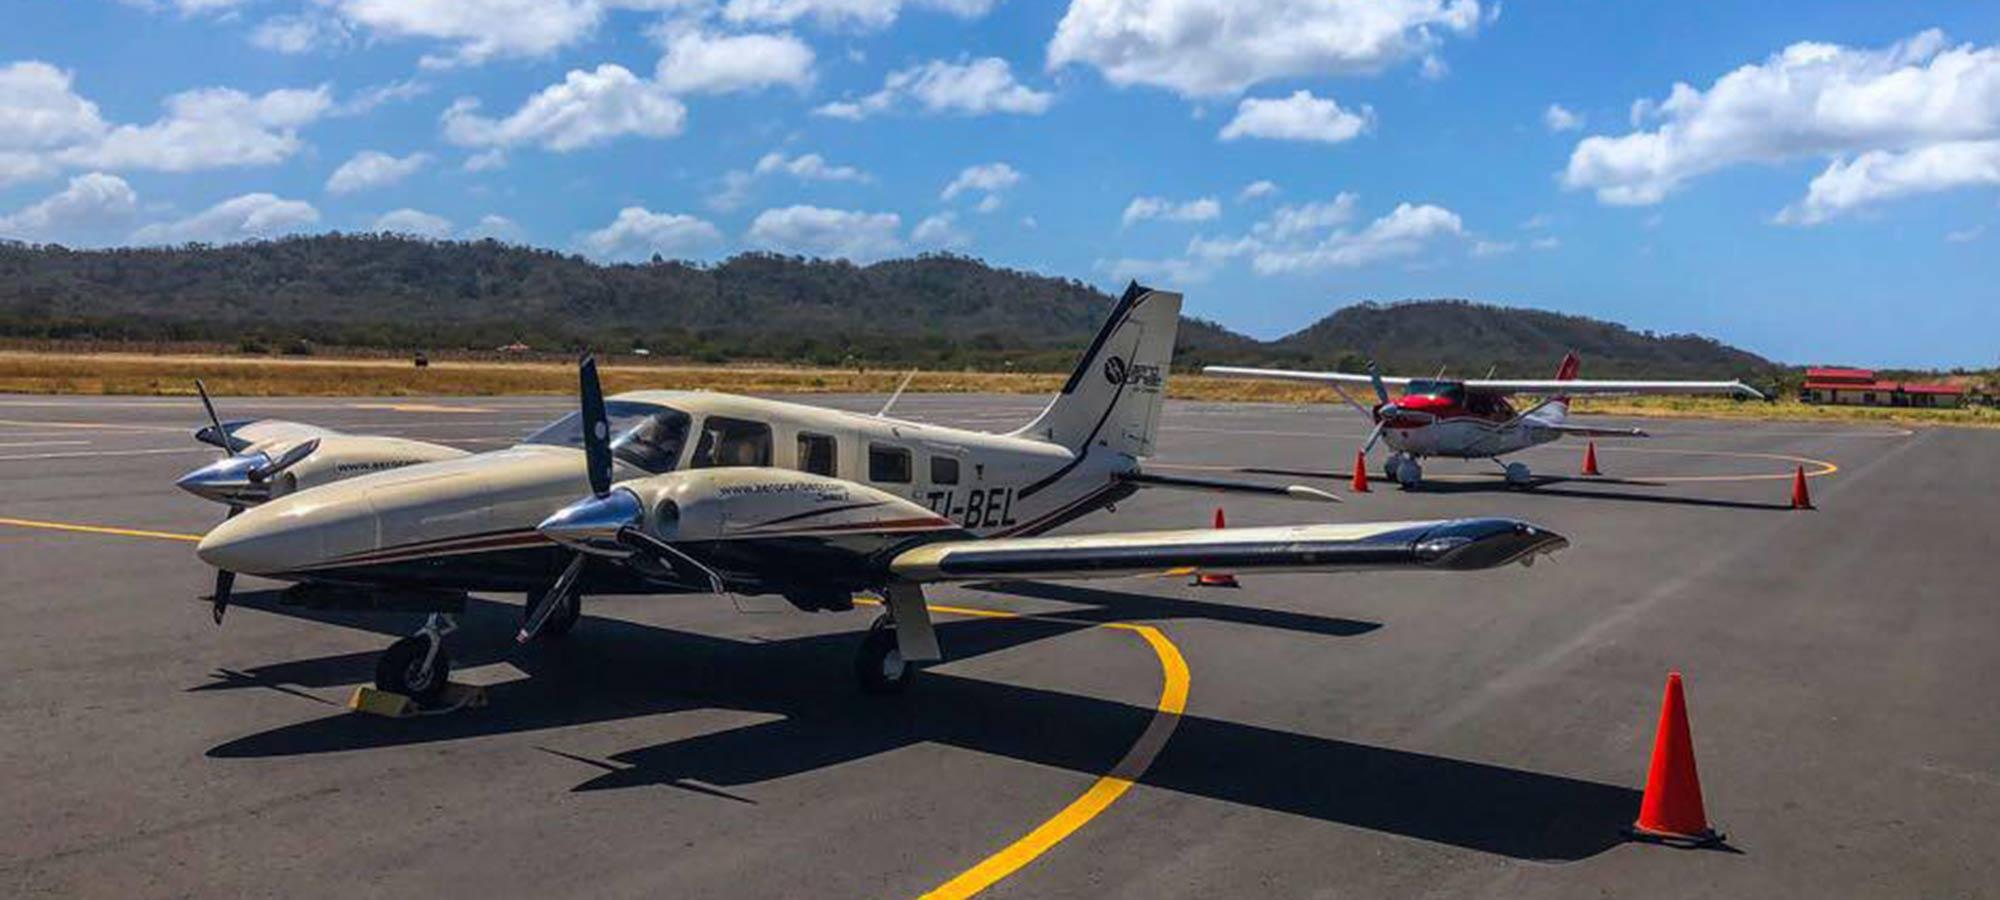 Aero Caribe Air Taxi